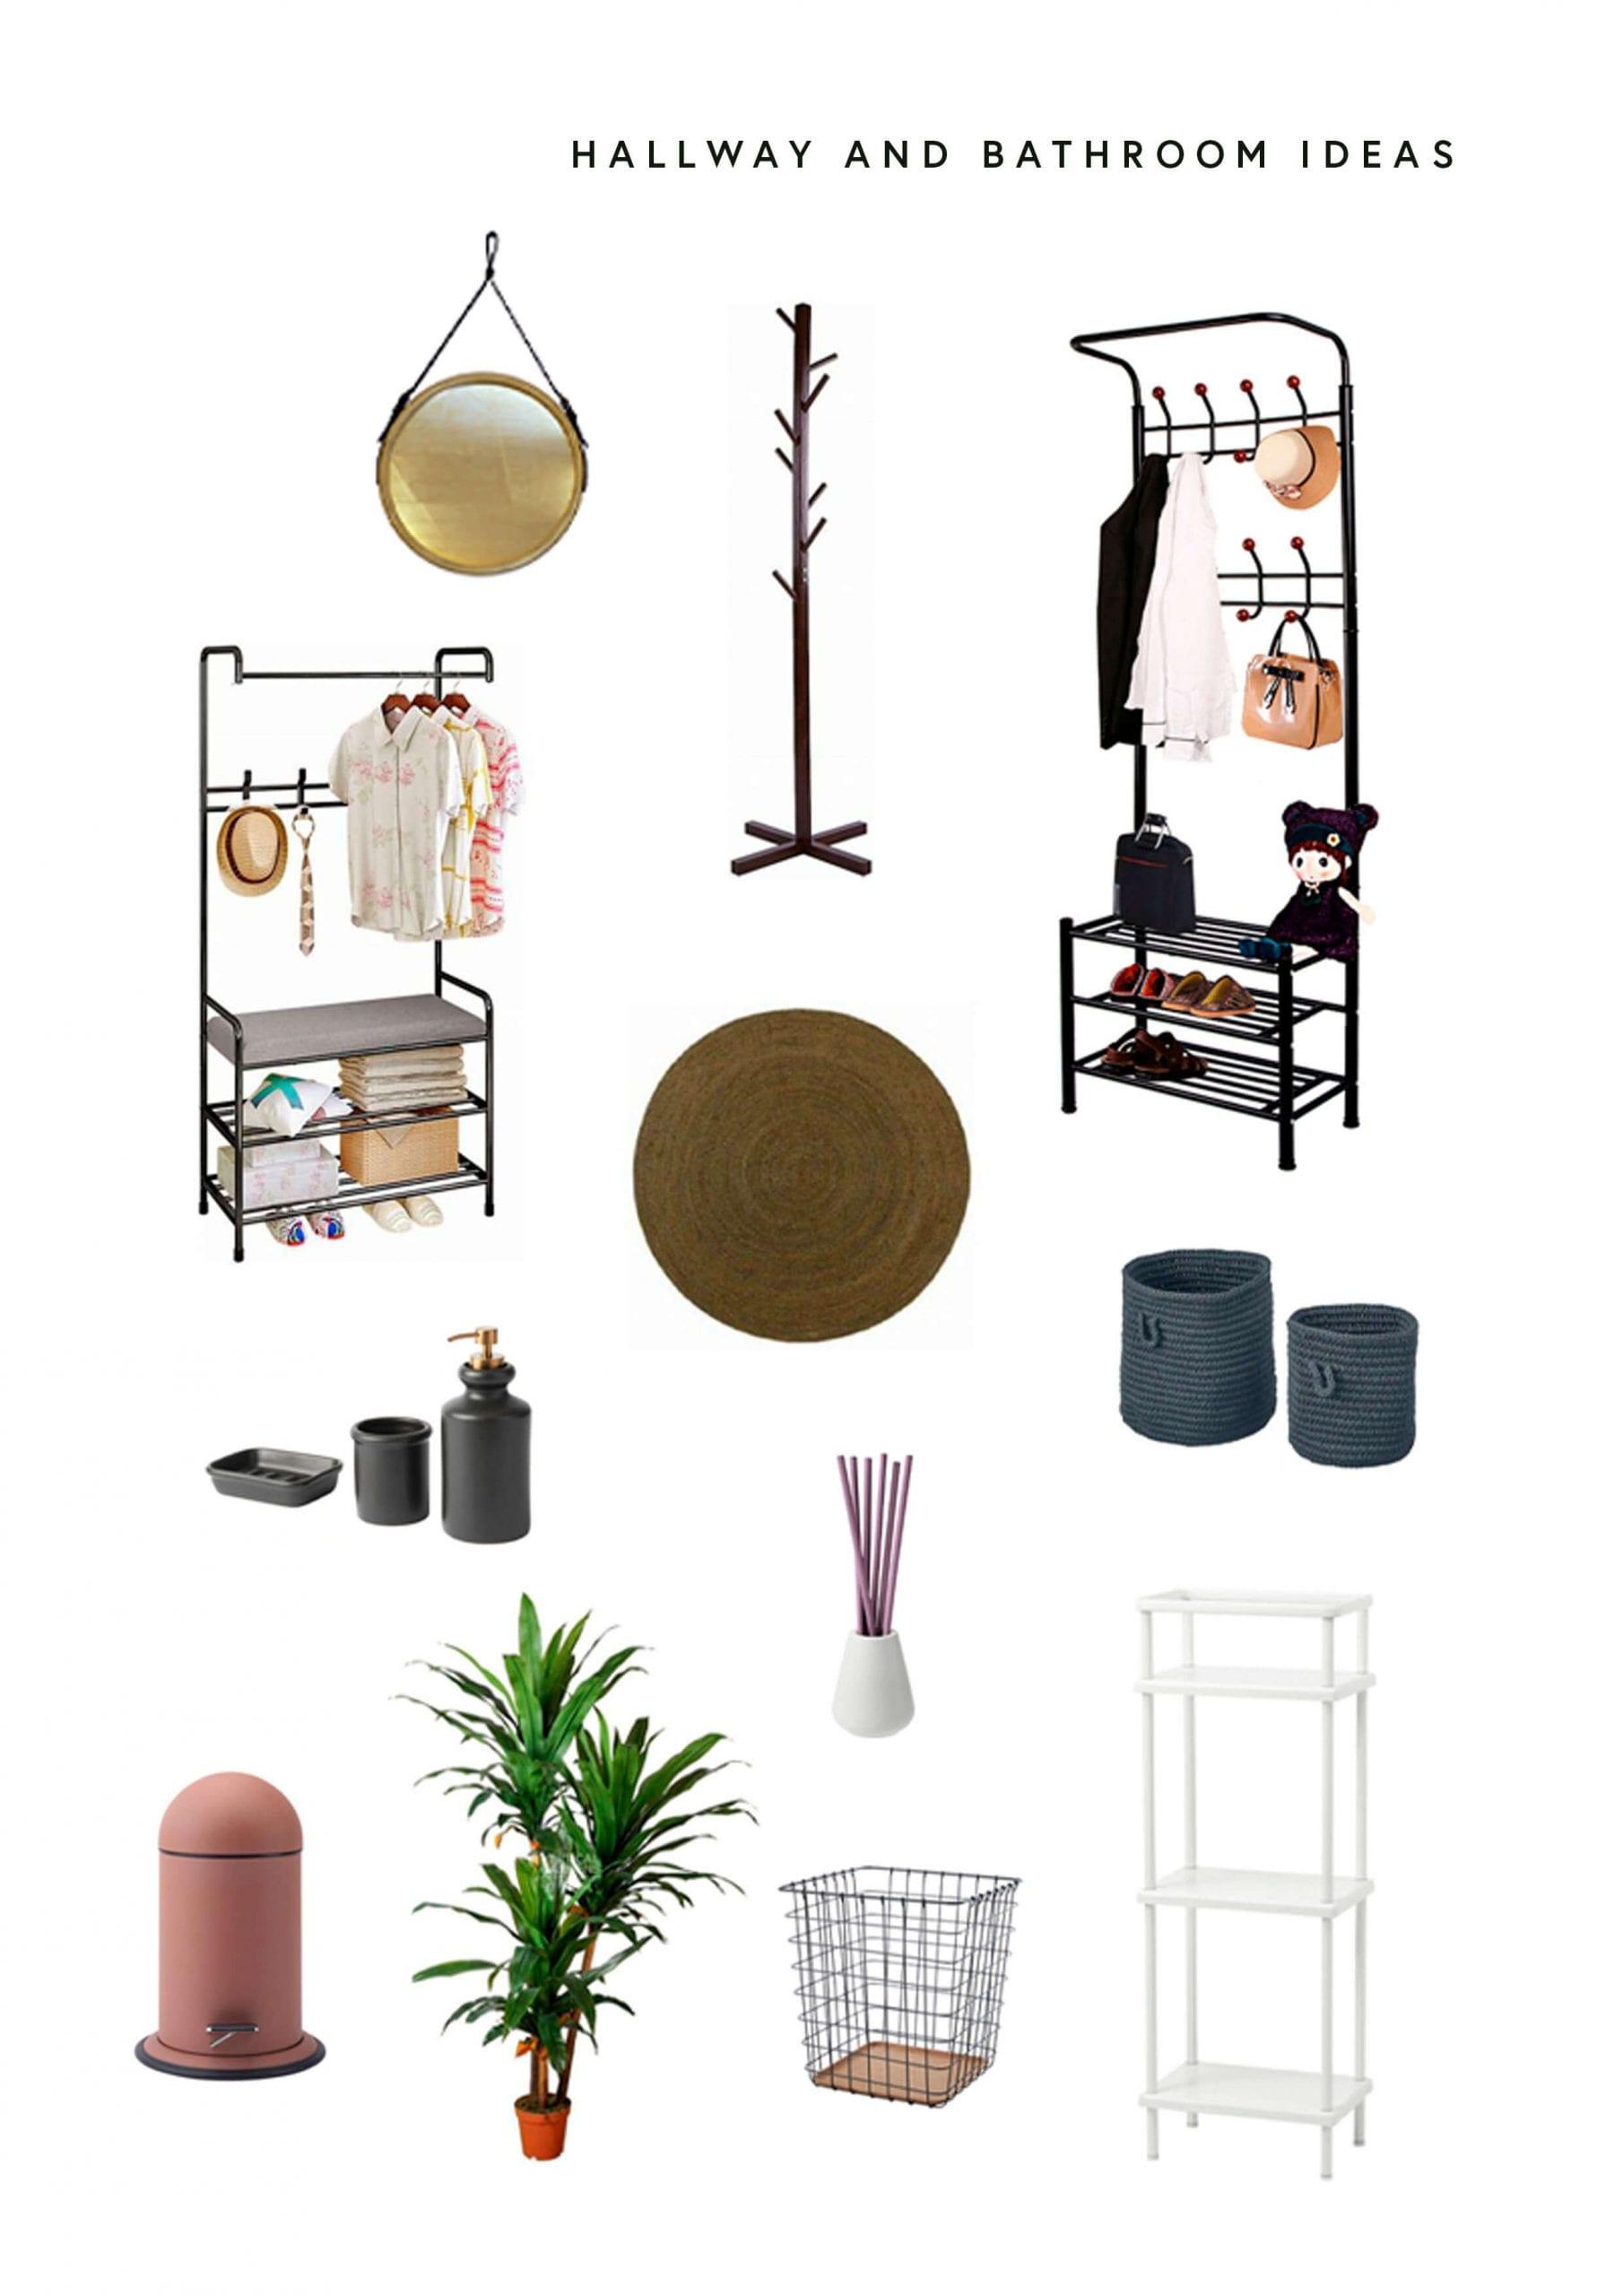 ann-rod-interior-styling-advice-hallway-and-bathroom-ideas